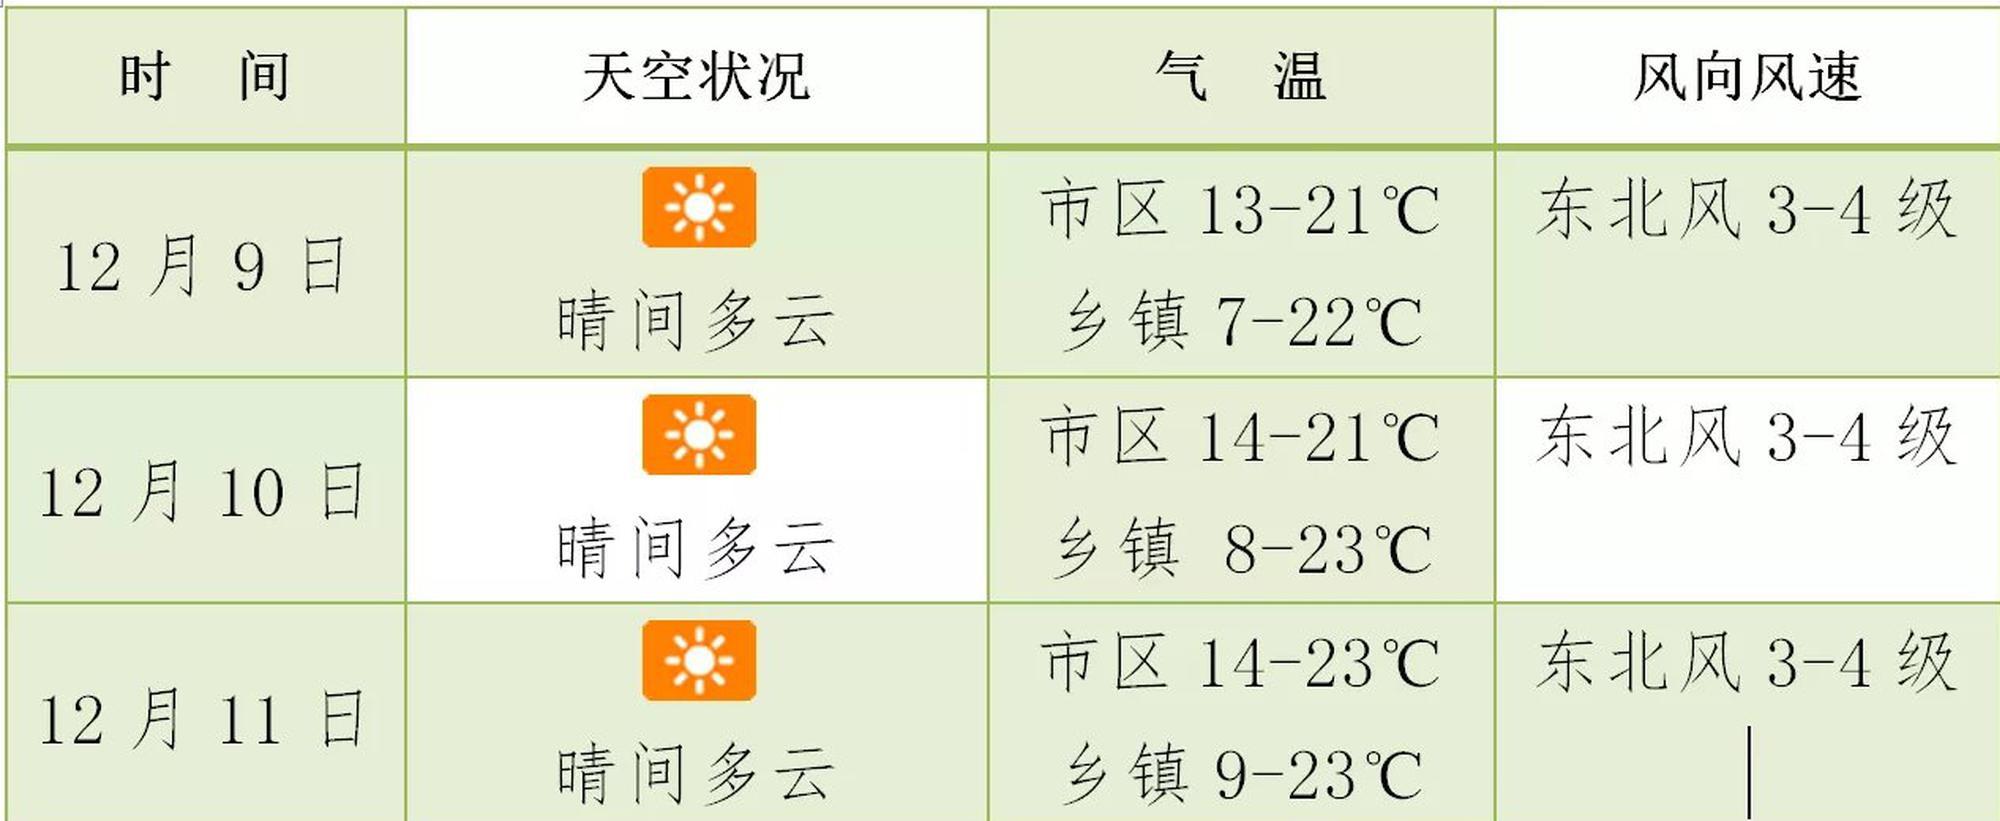 """冷冷冷!海南继续发布寒冷四级预警 """"抖腿""""模式停不下来"""